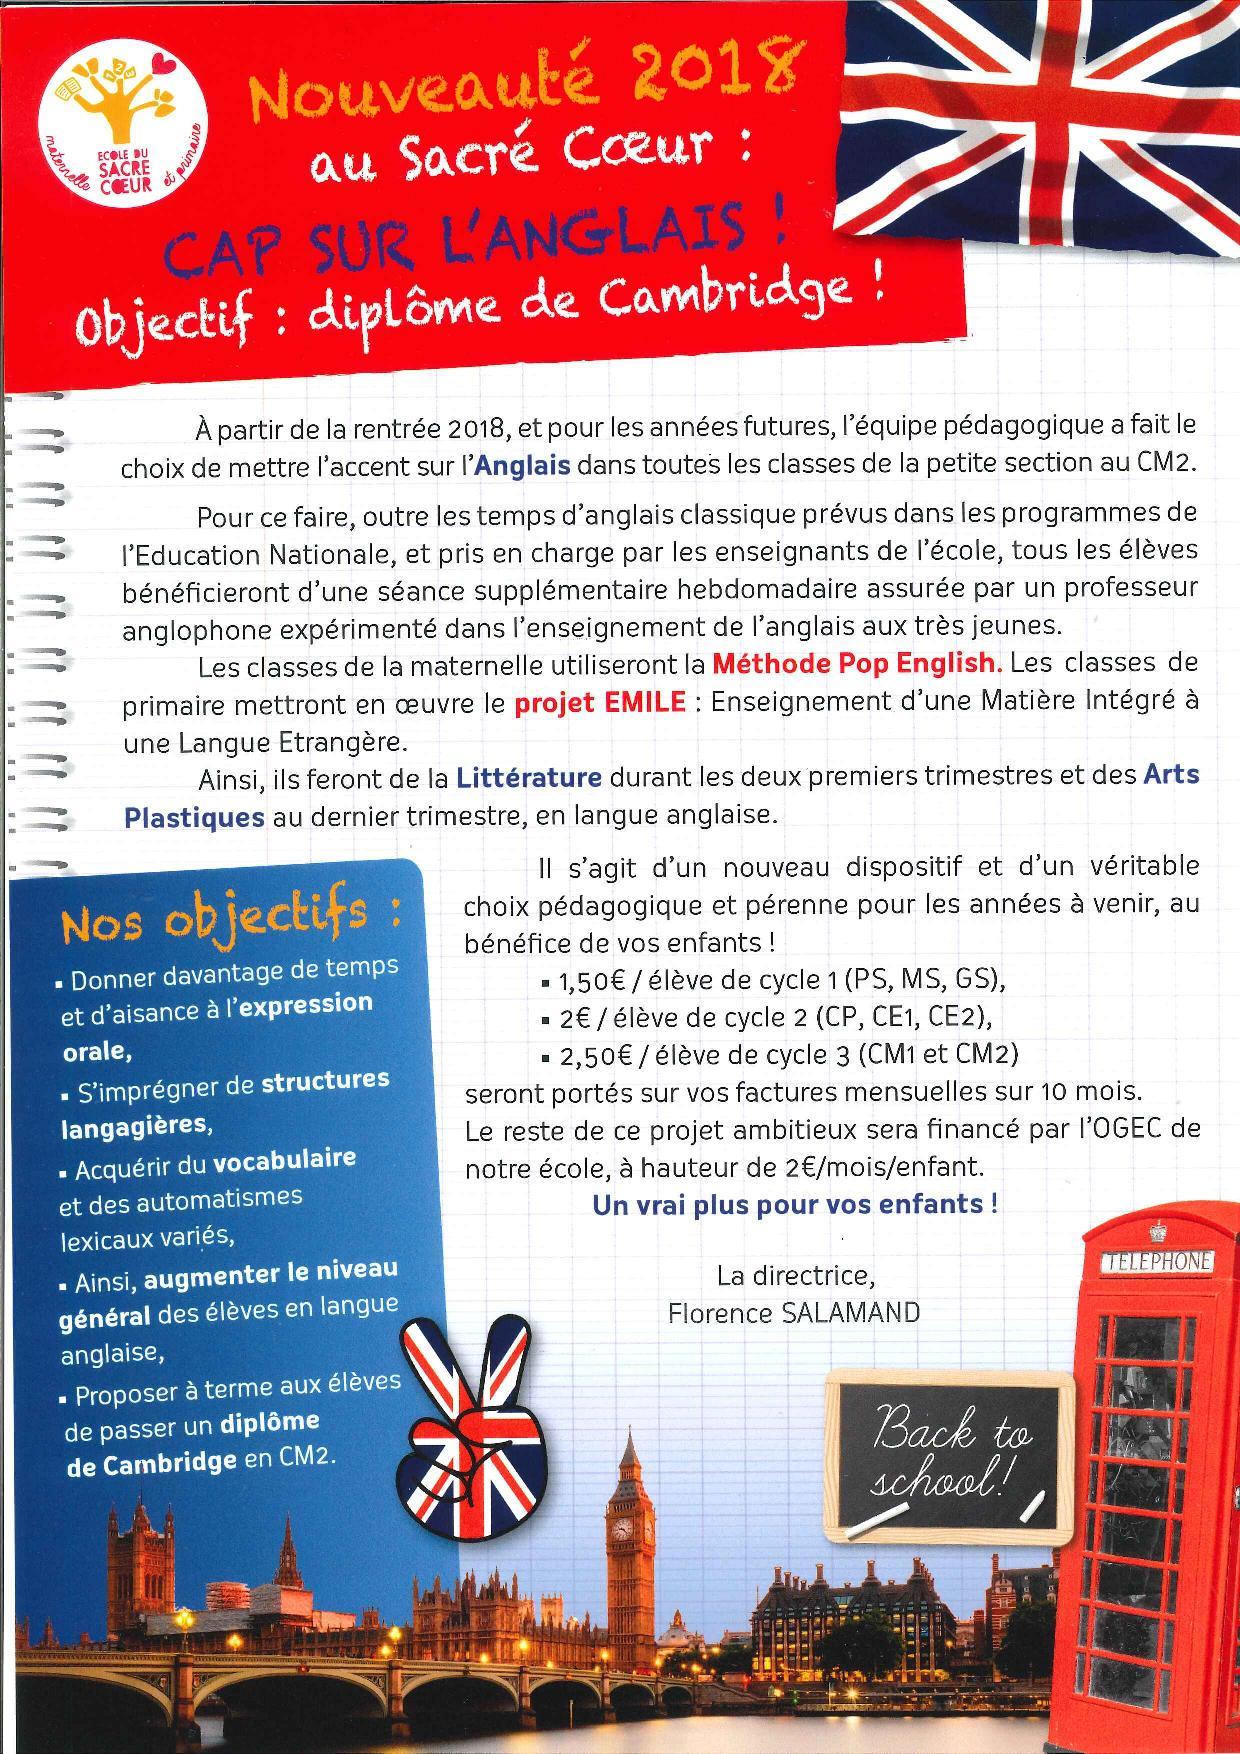 cap-sur-langlais